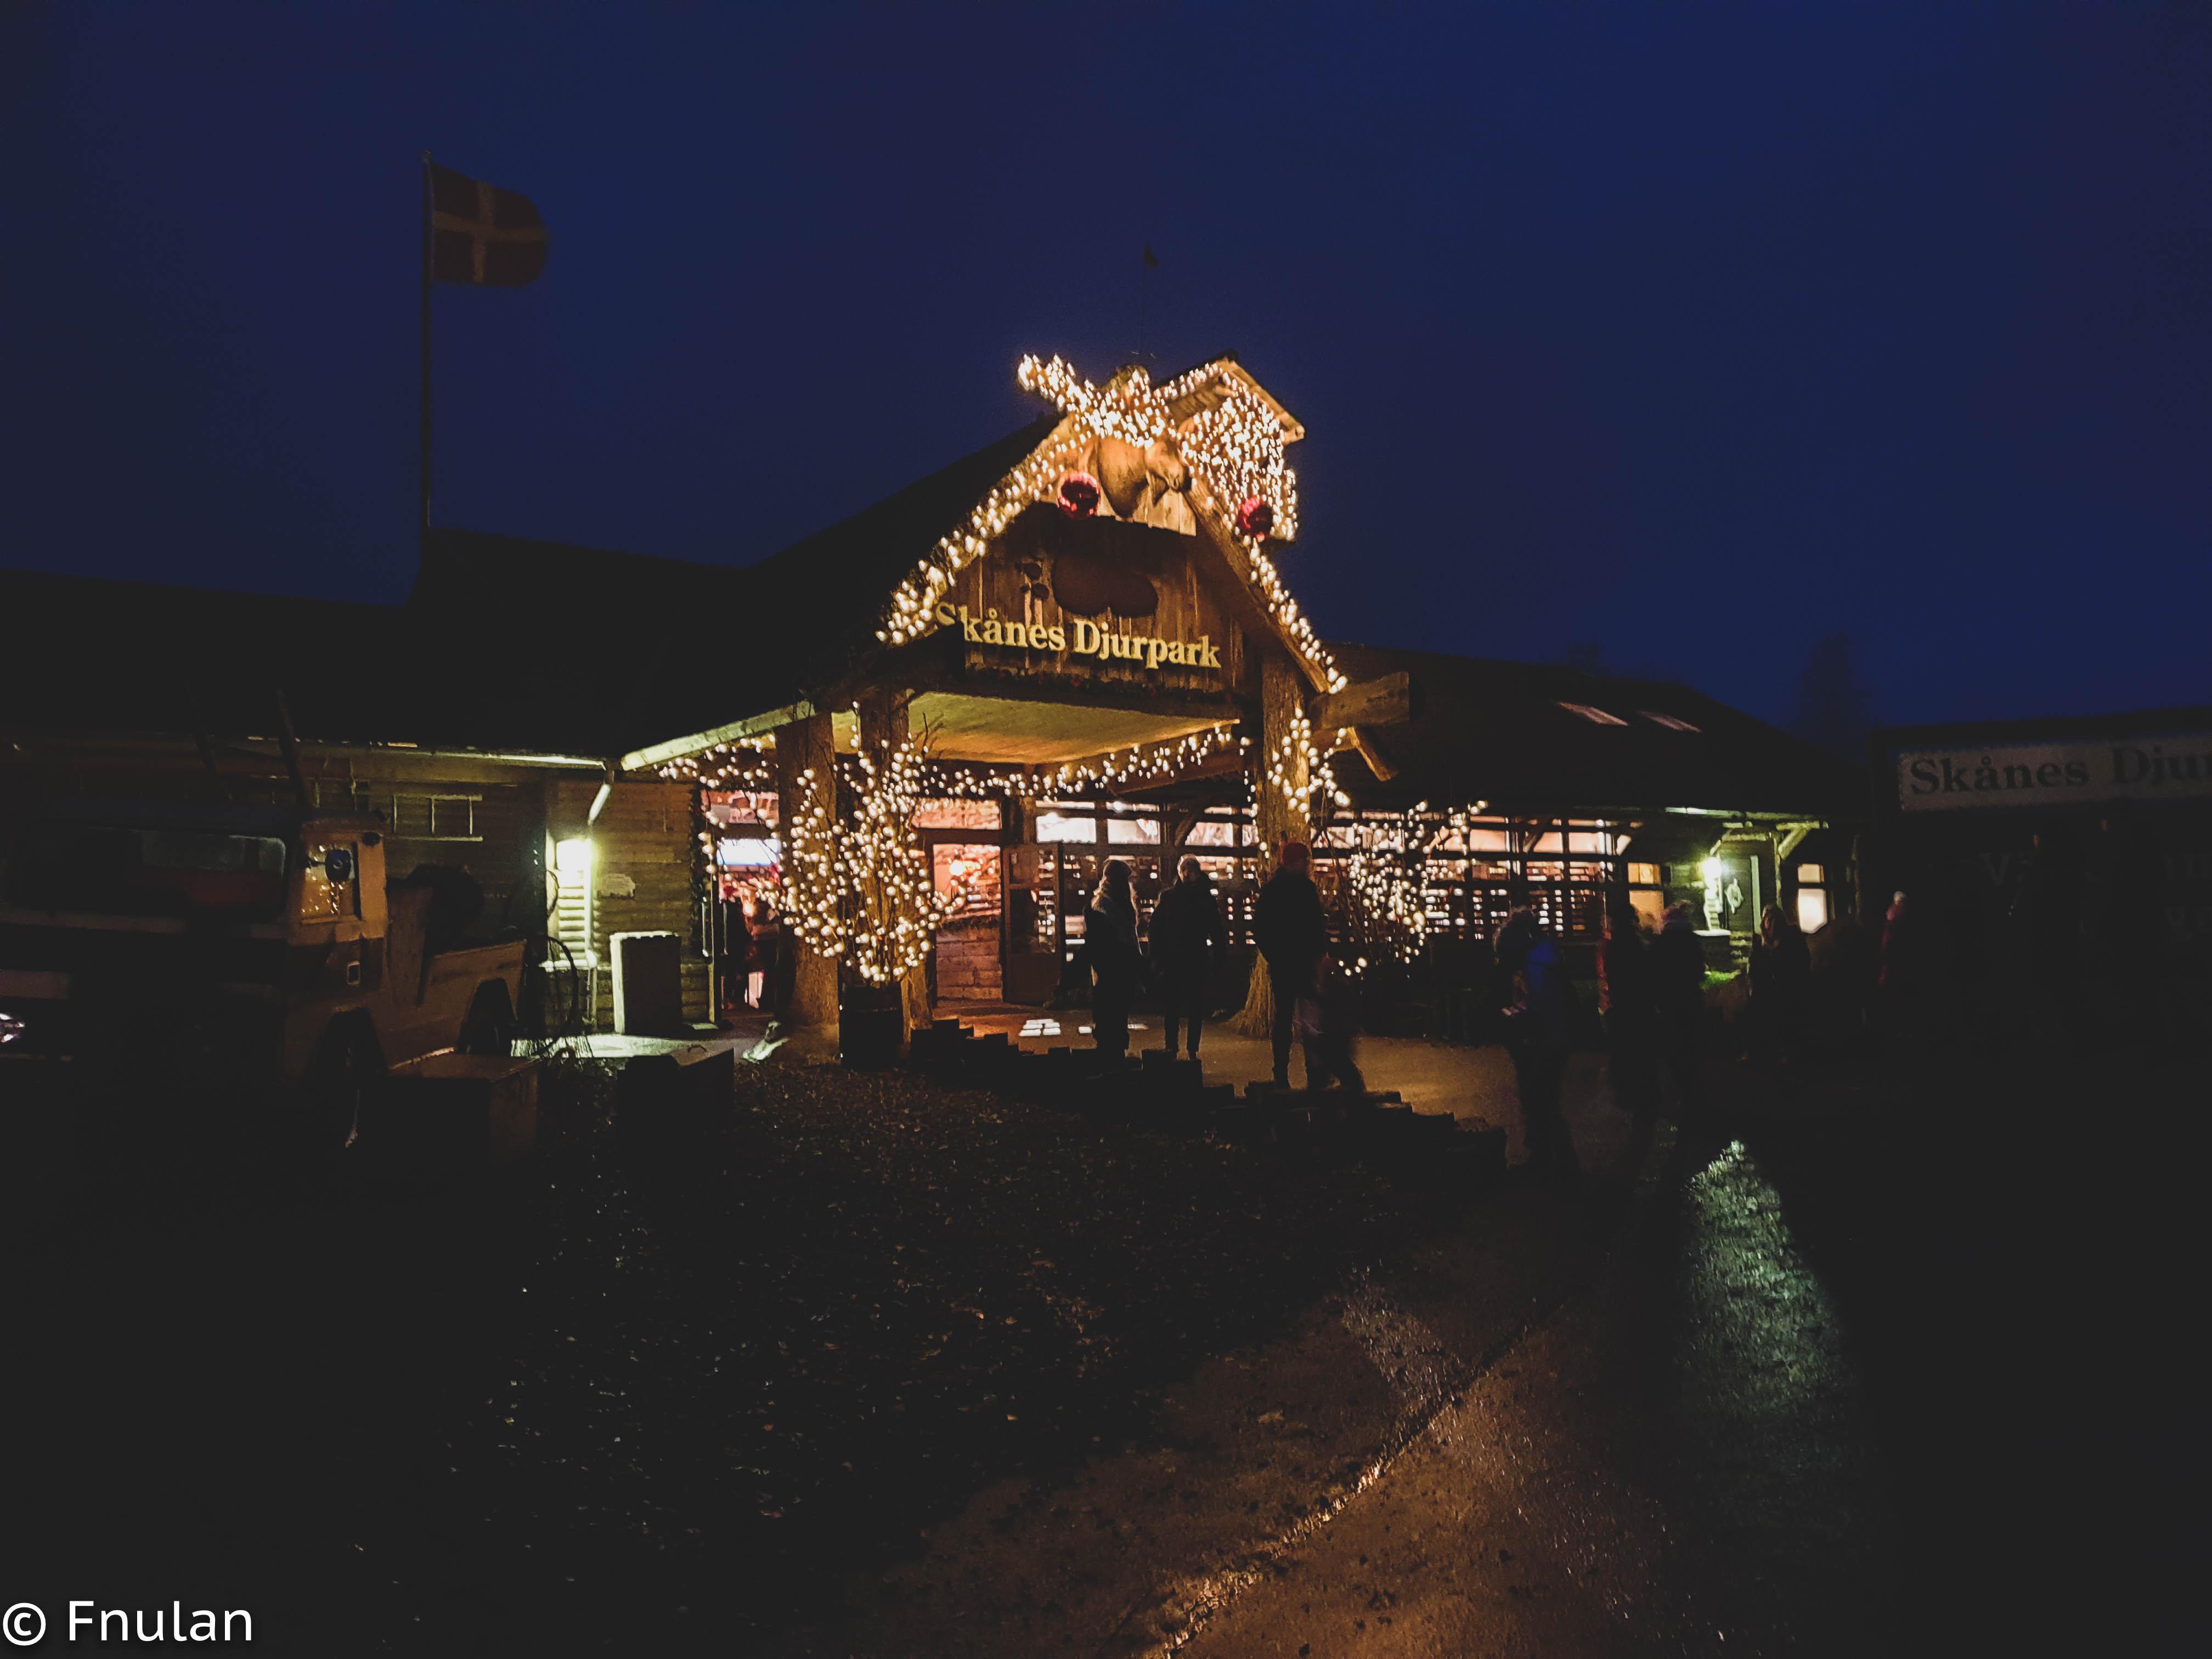 Jul i Skånes djurpark